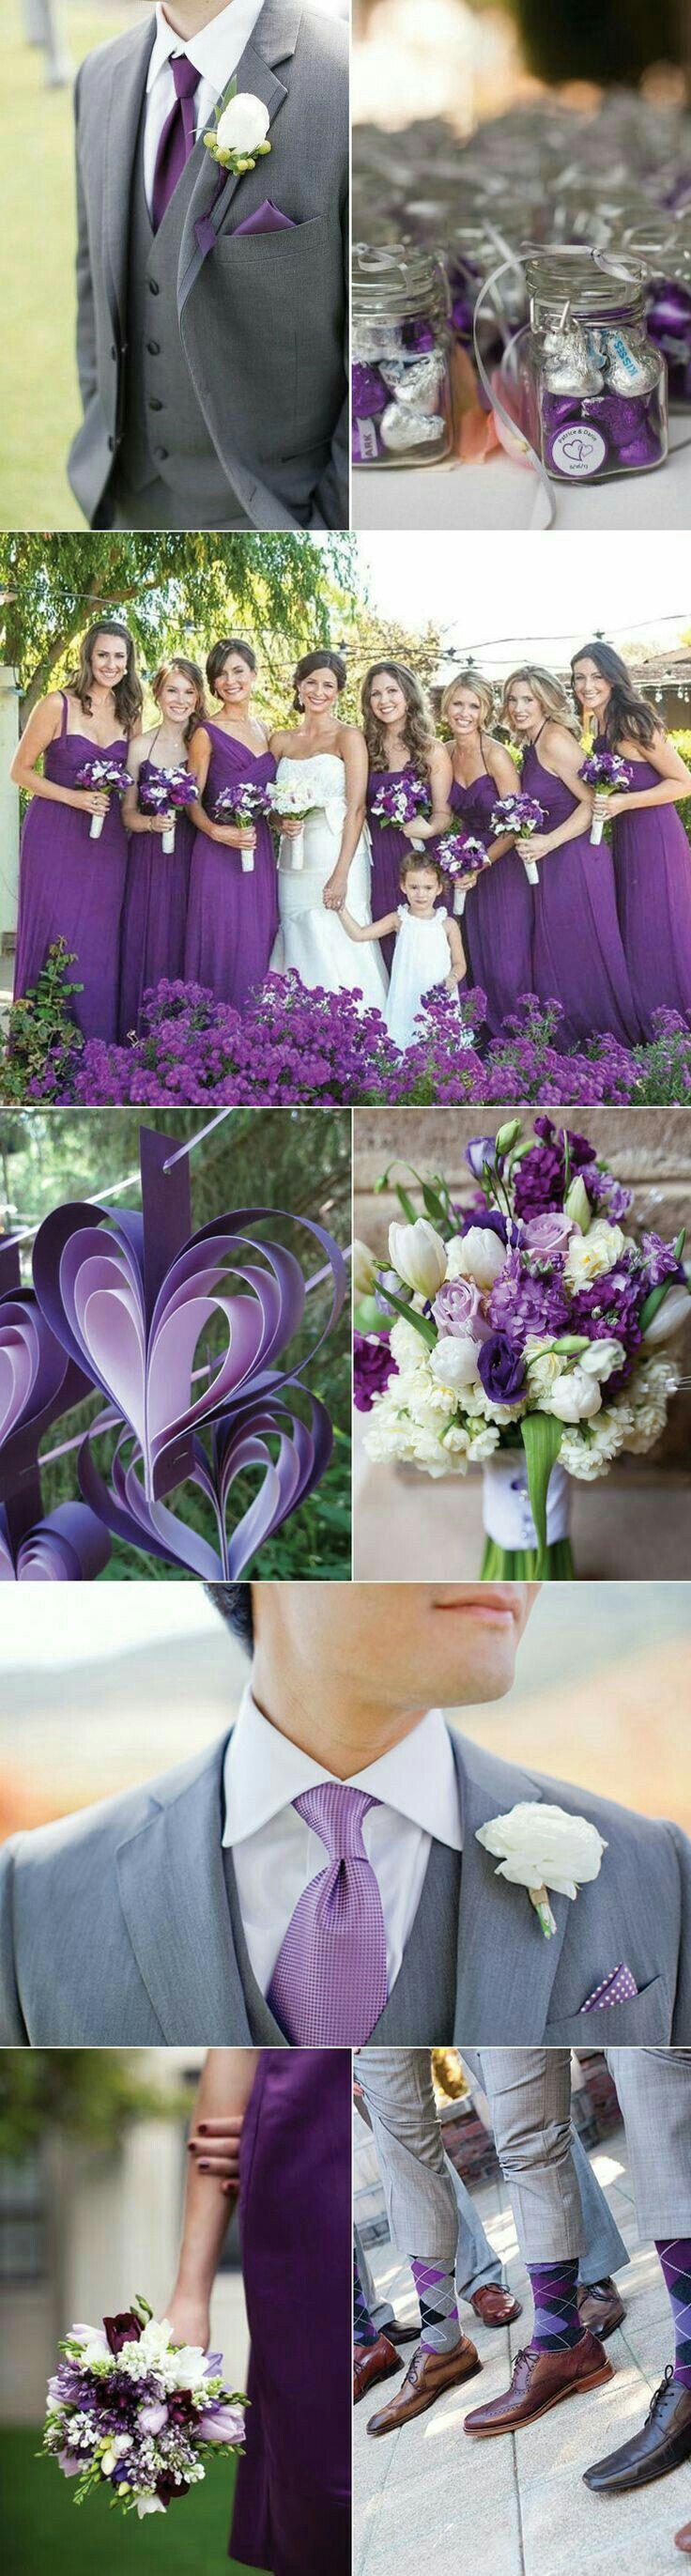 Violet lavendar and creme wedding pallette